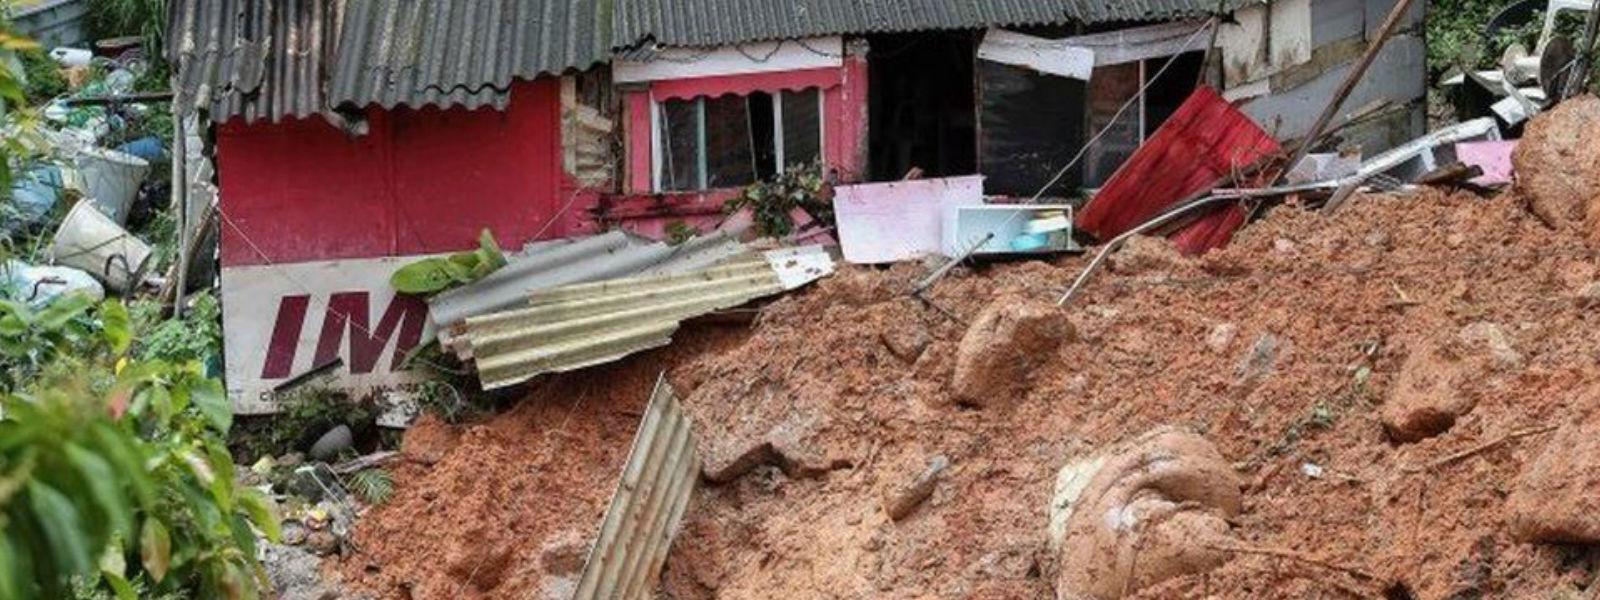 பிரேஸிலில் மழையுடன் கூடிய மண்சரிவு: 23 பேர் உயிரிழப்பு